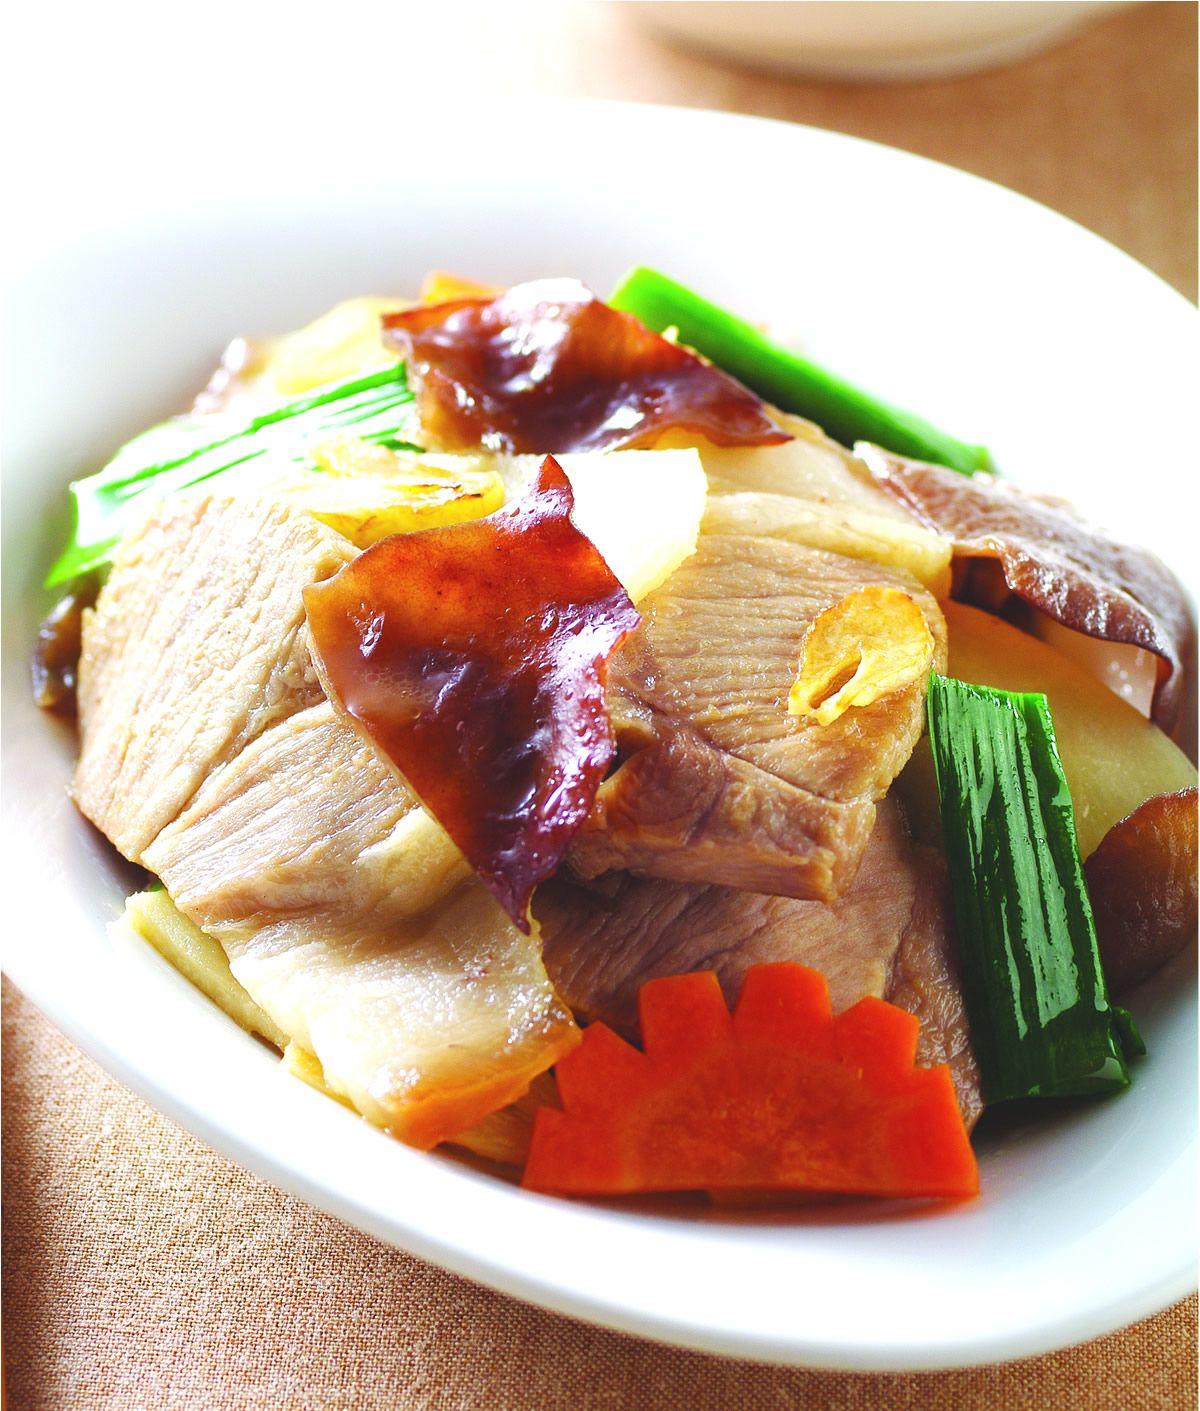 食譜:蒜尾炒肉片